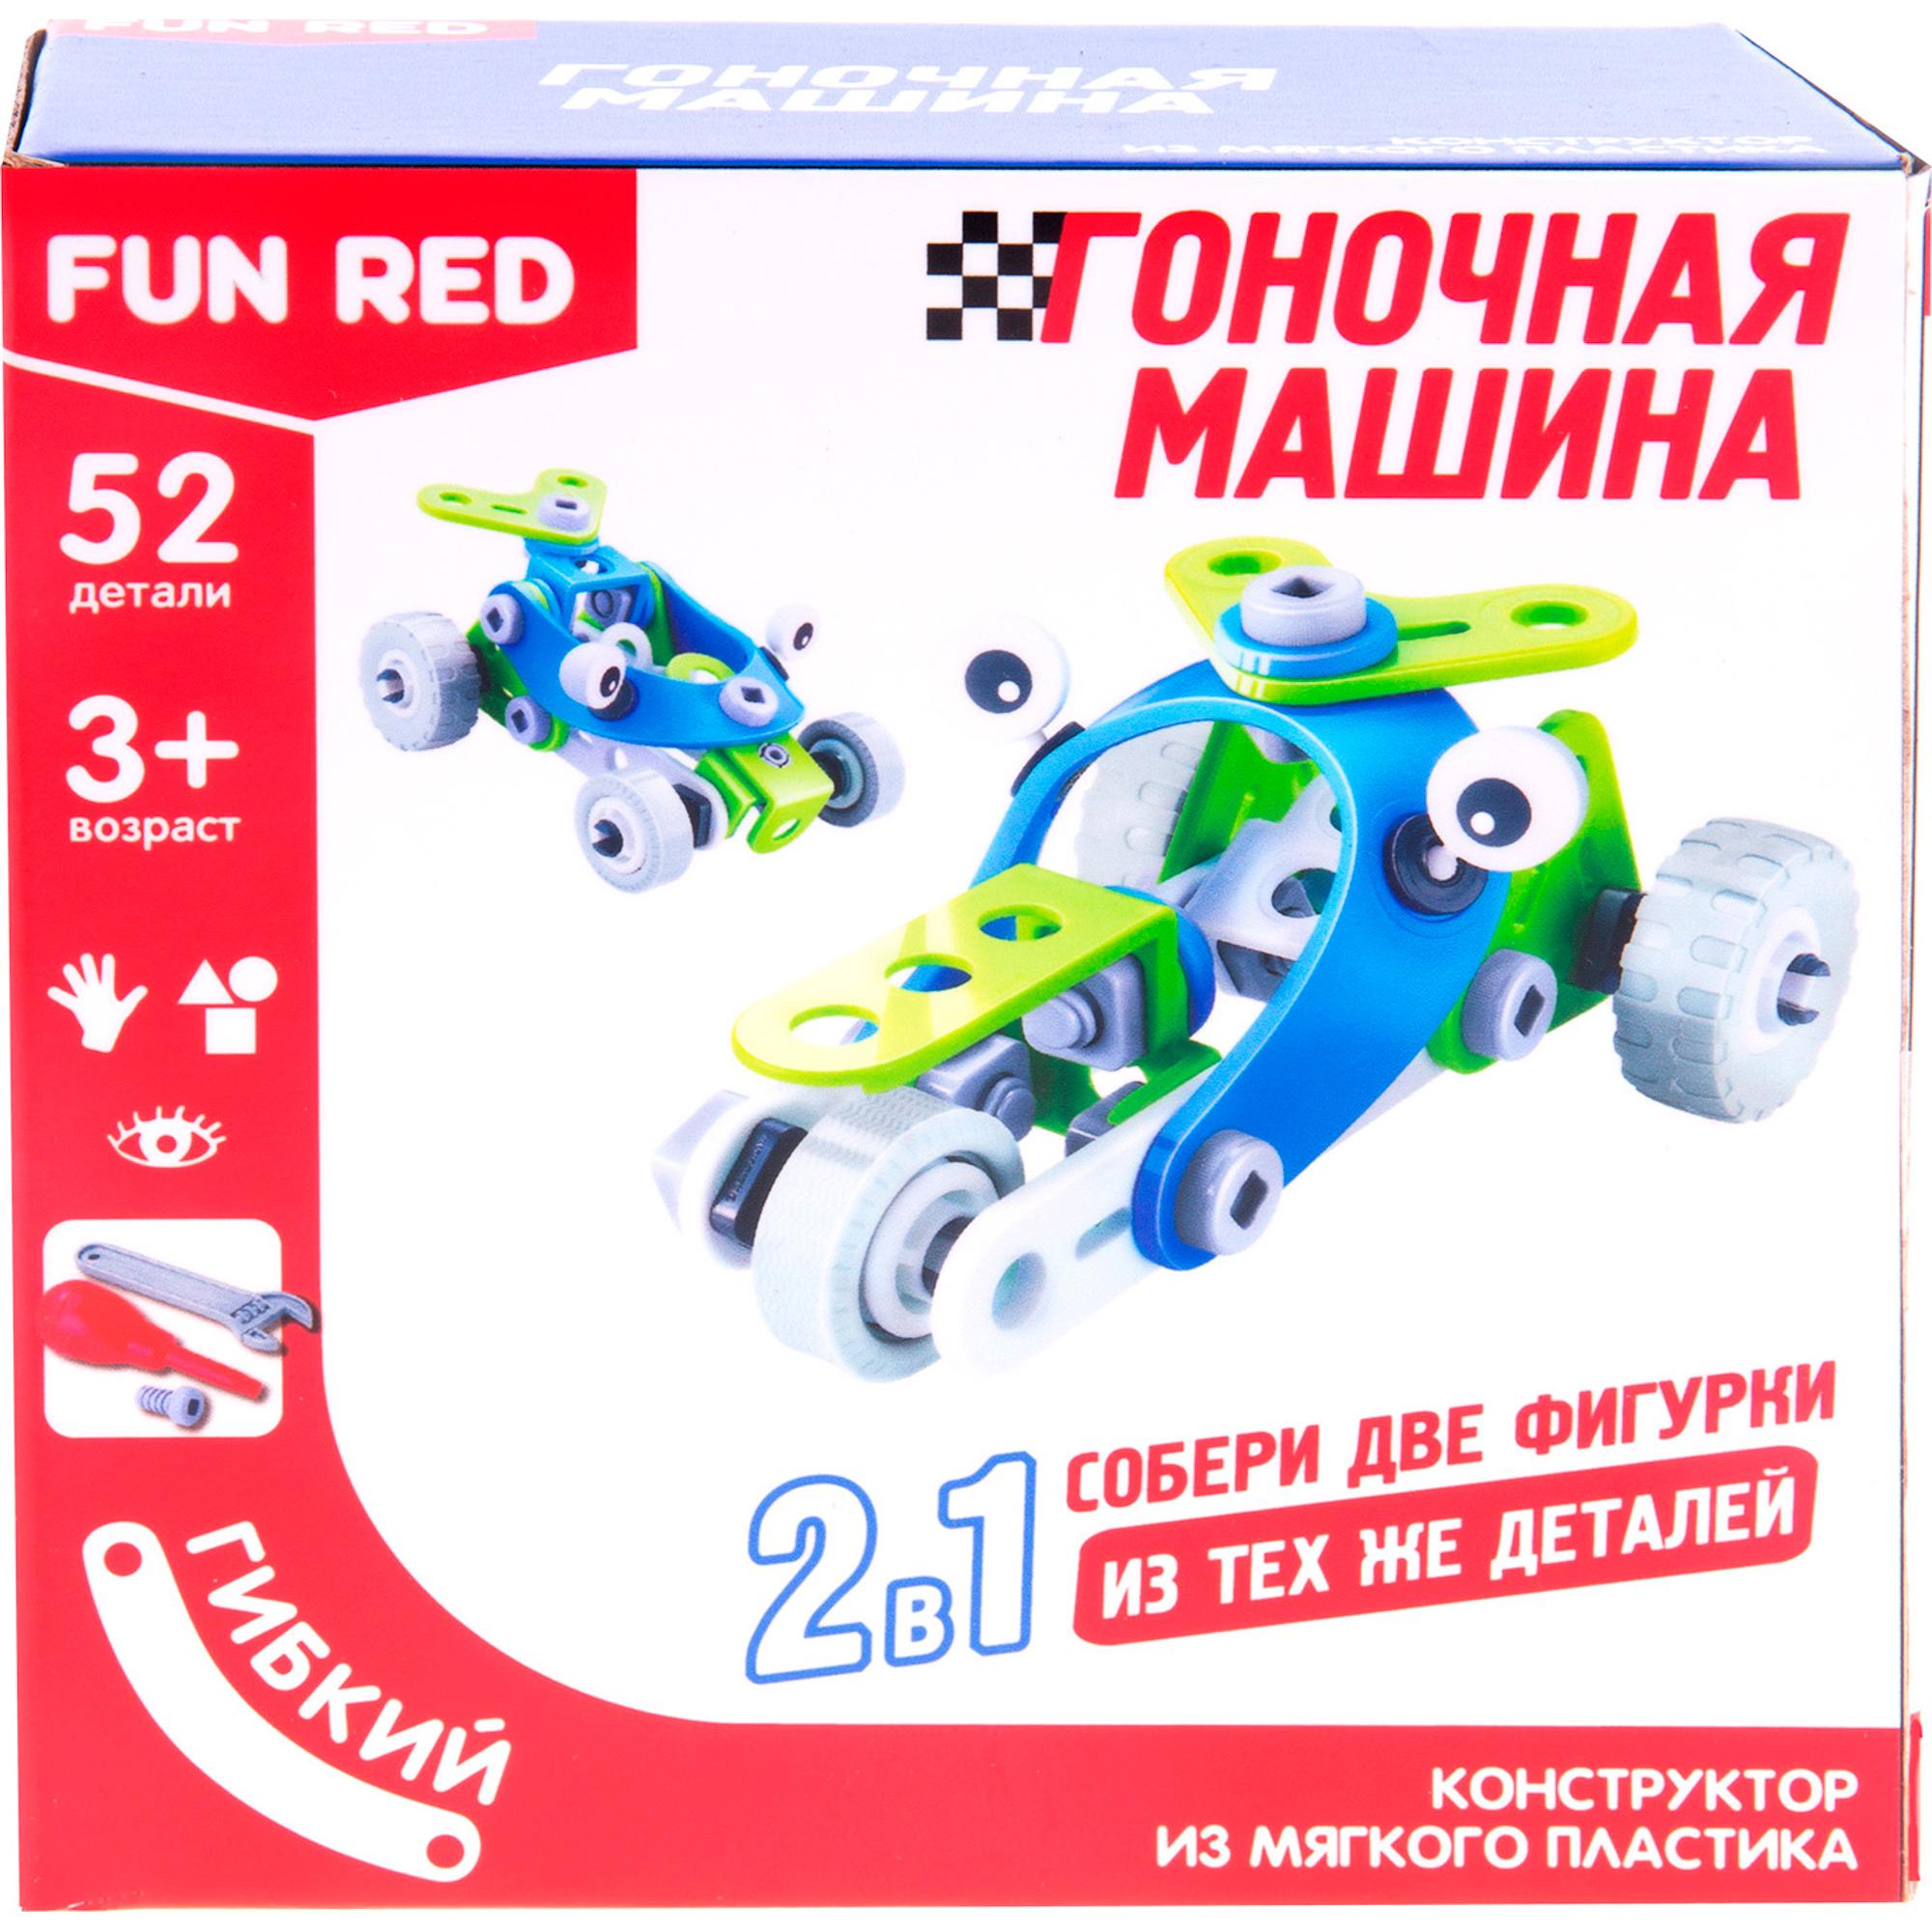 Конструктор FUN RED Гоночная машина 2в1